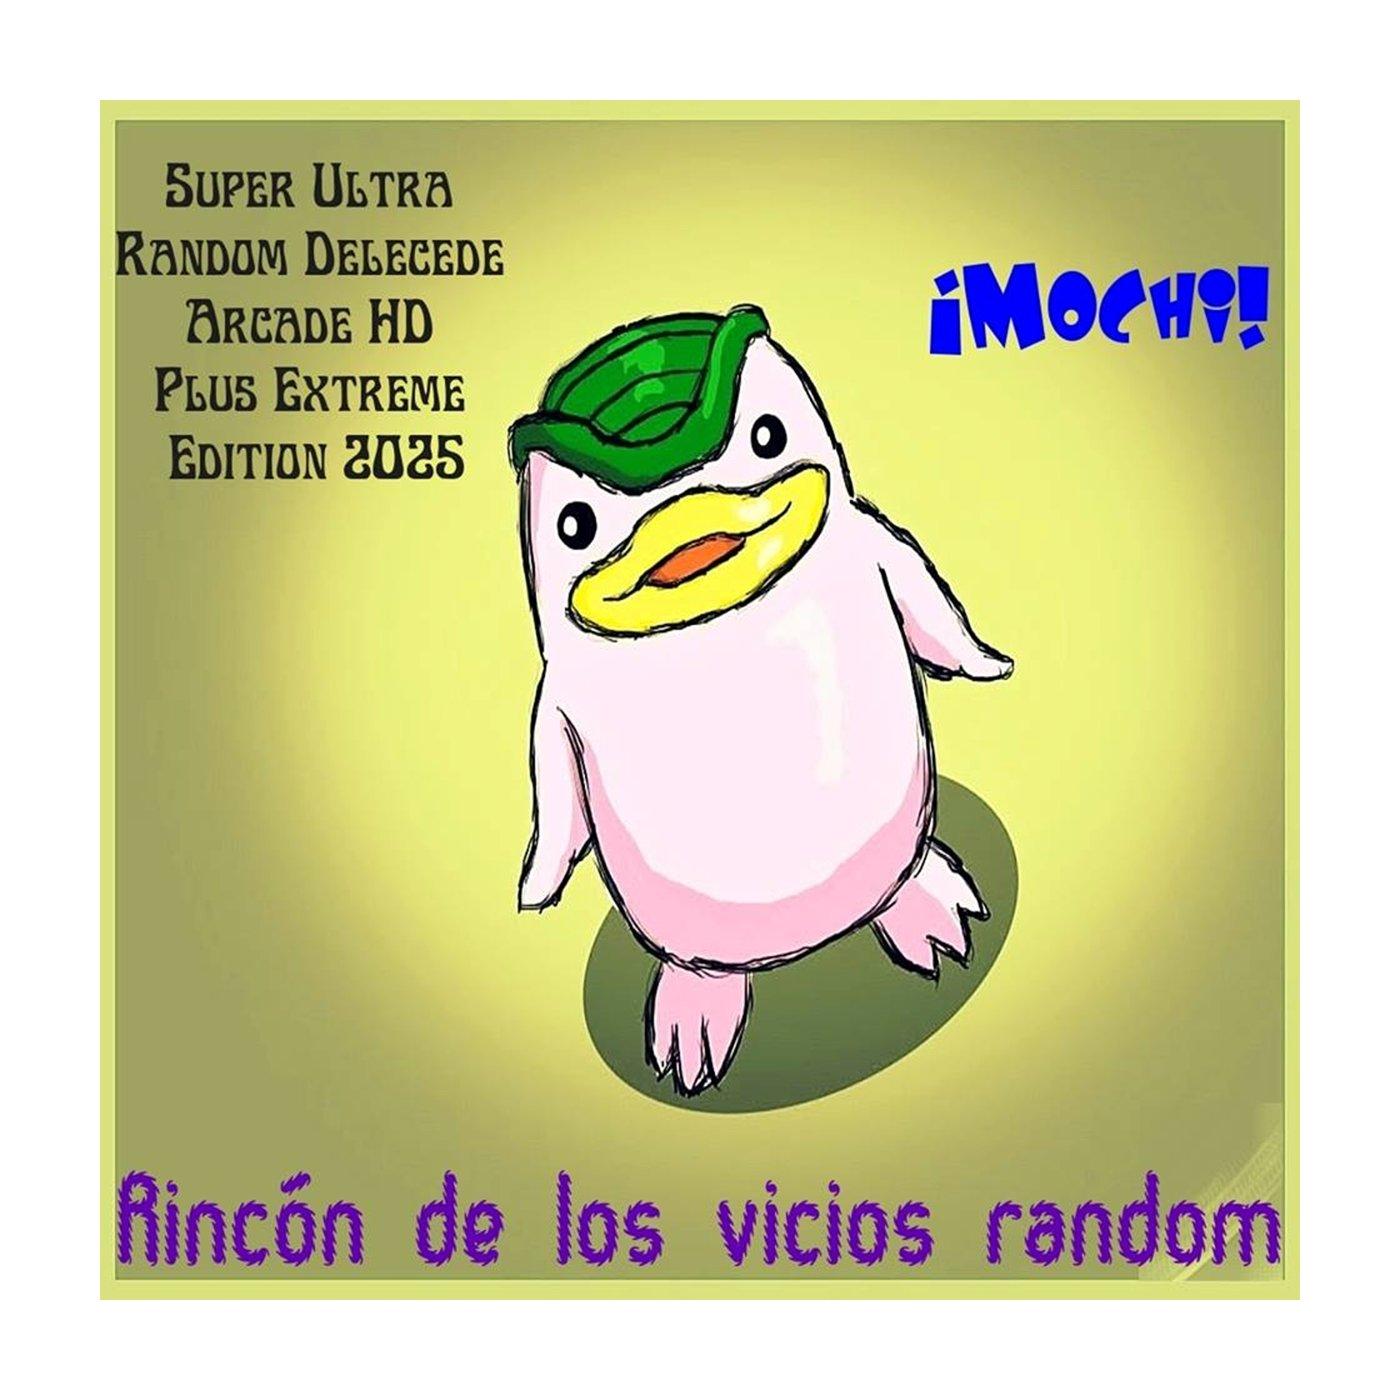 <![CDATA[Podcast de el Rincon de los vicios random]]>